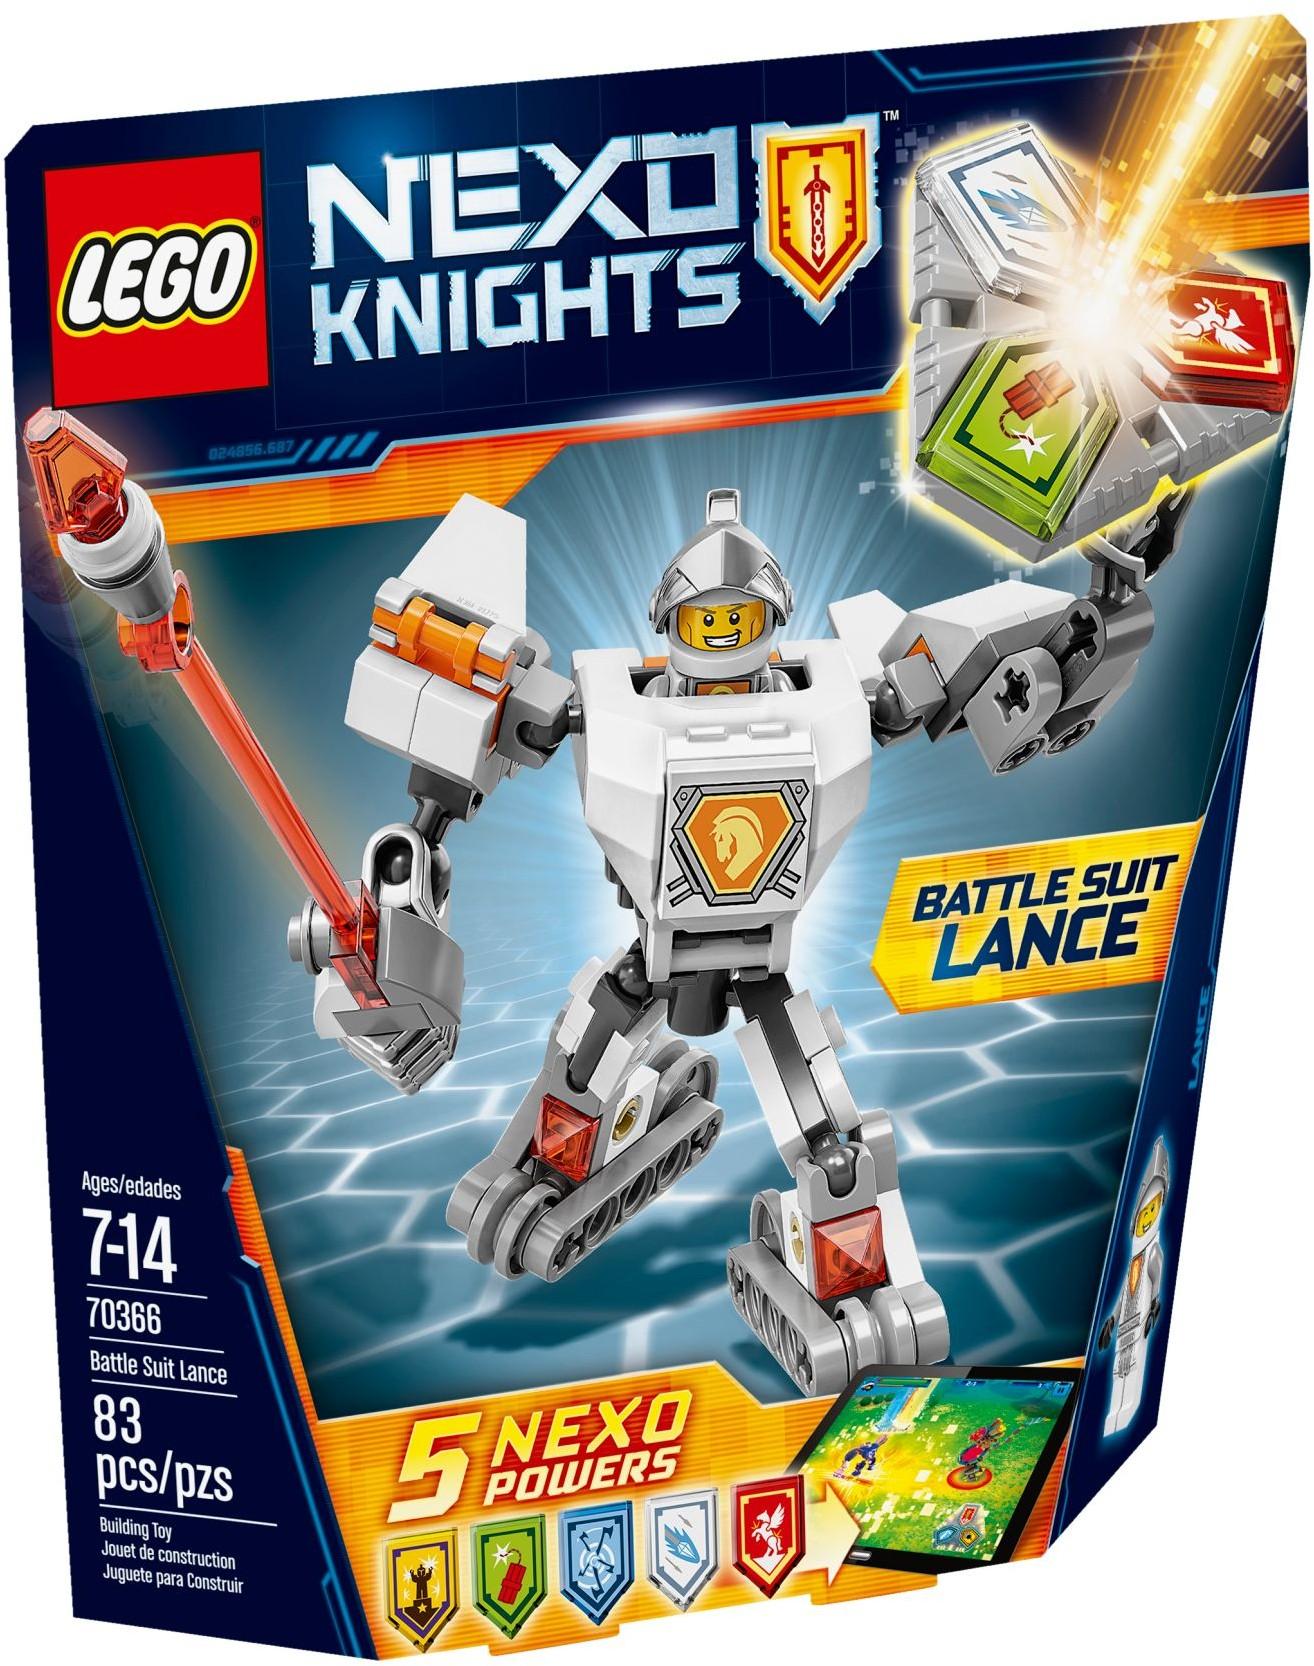 70366 Battle Suit Lance